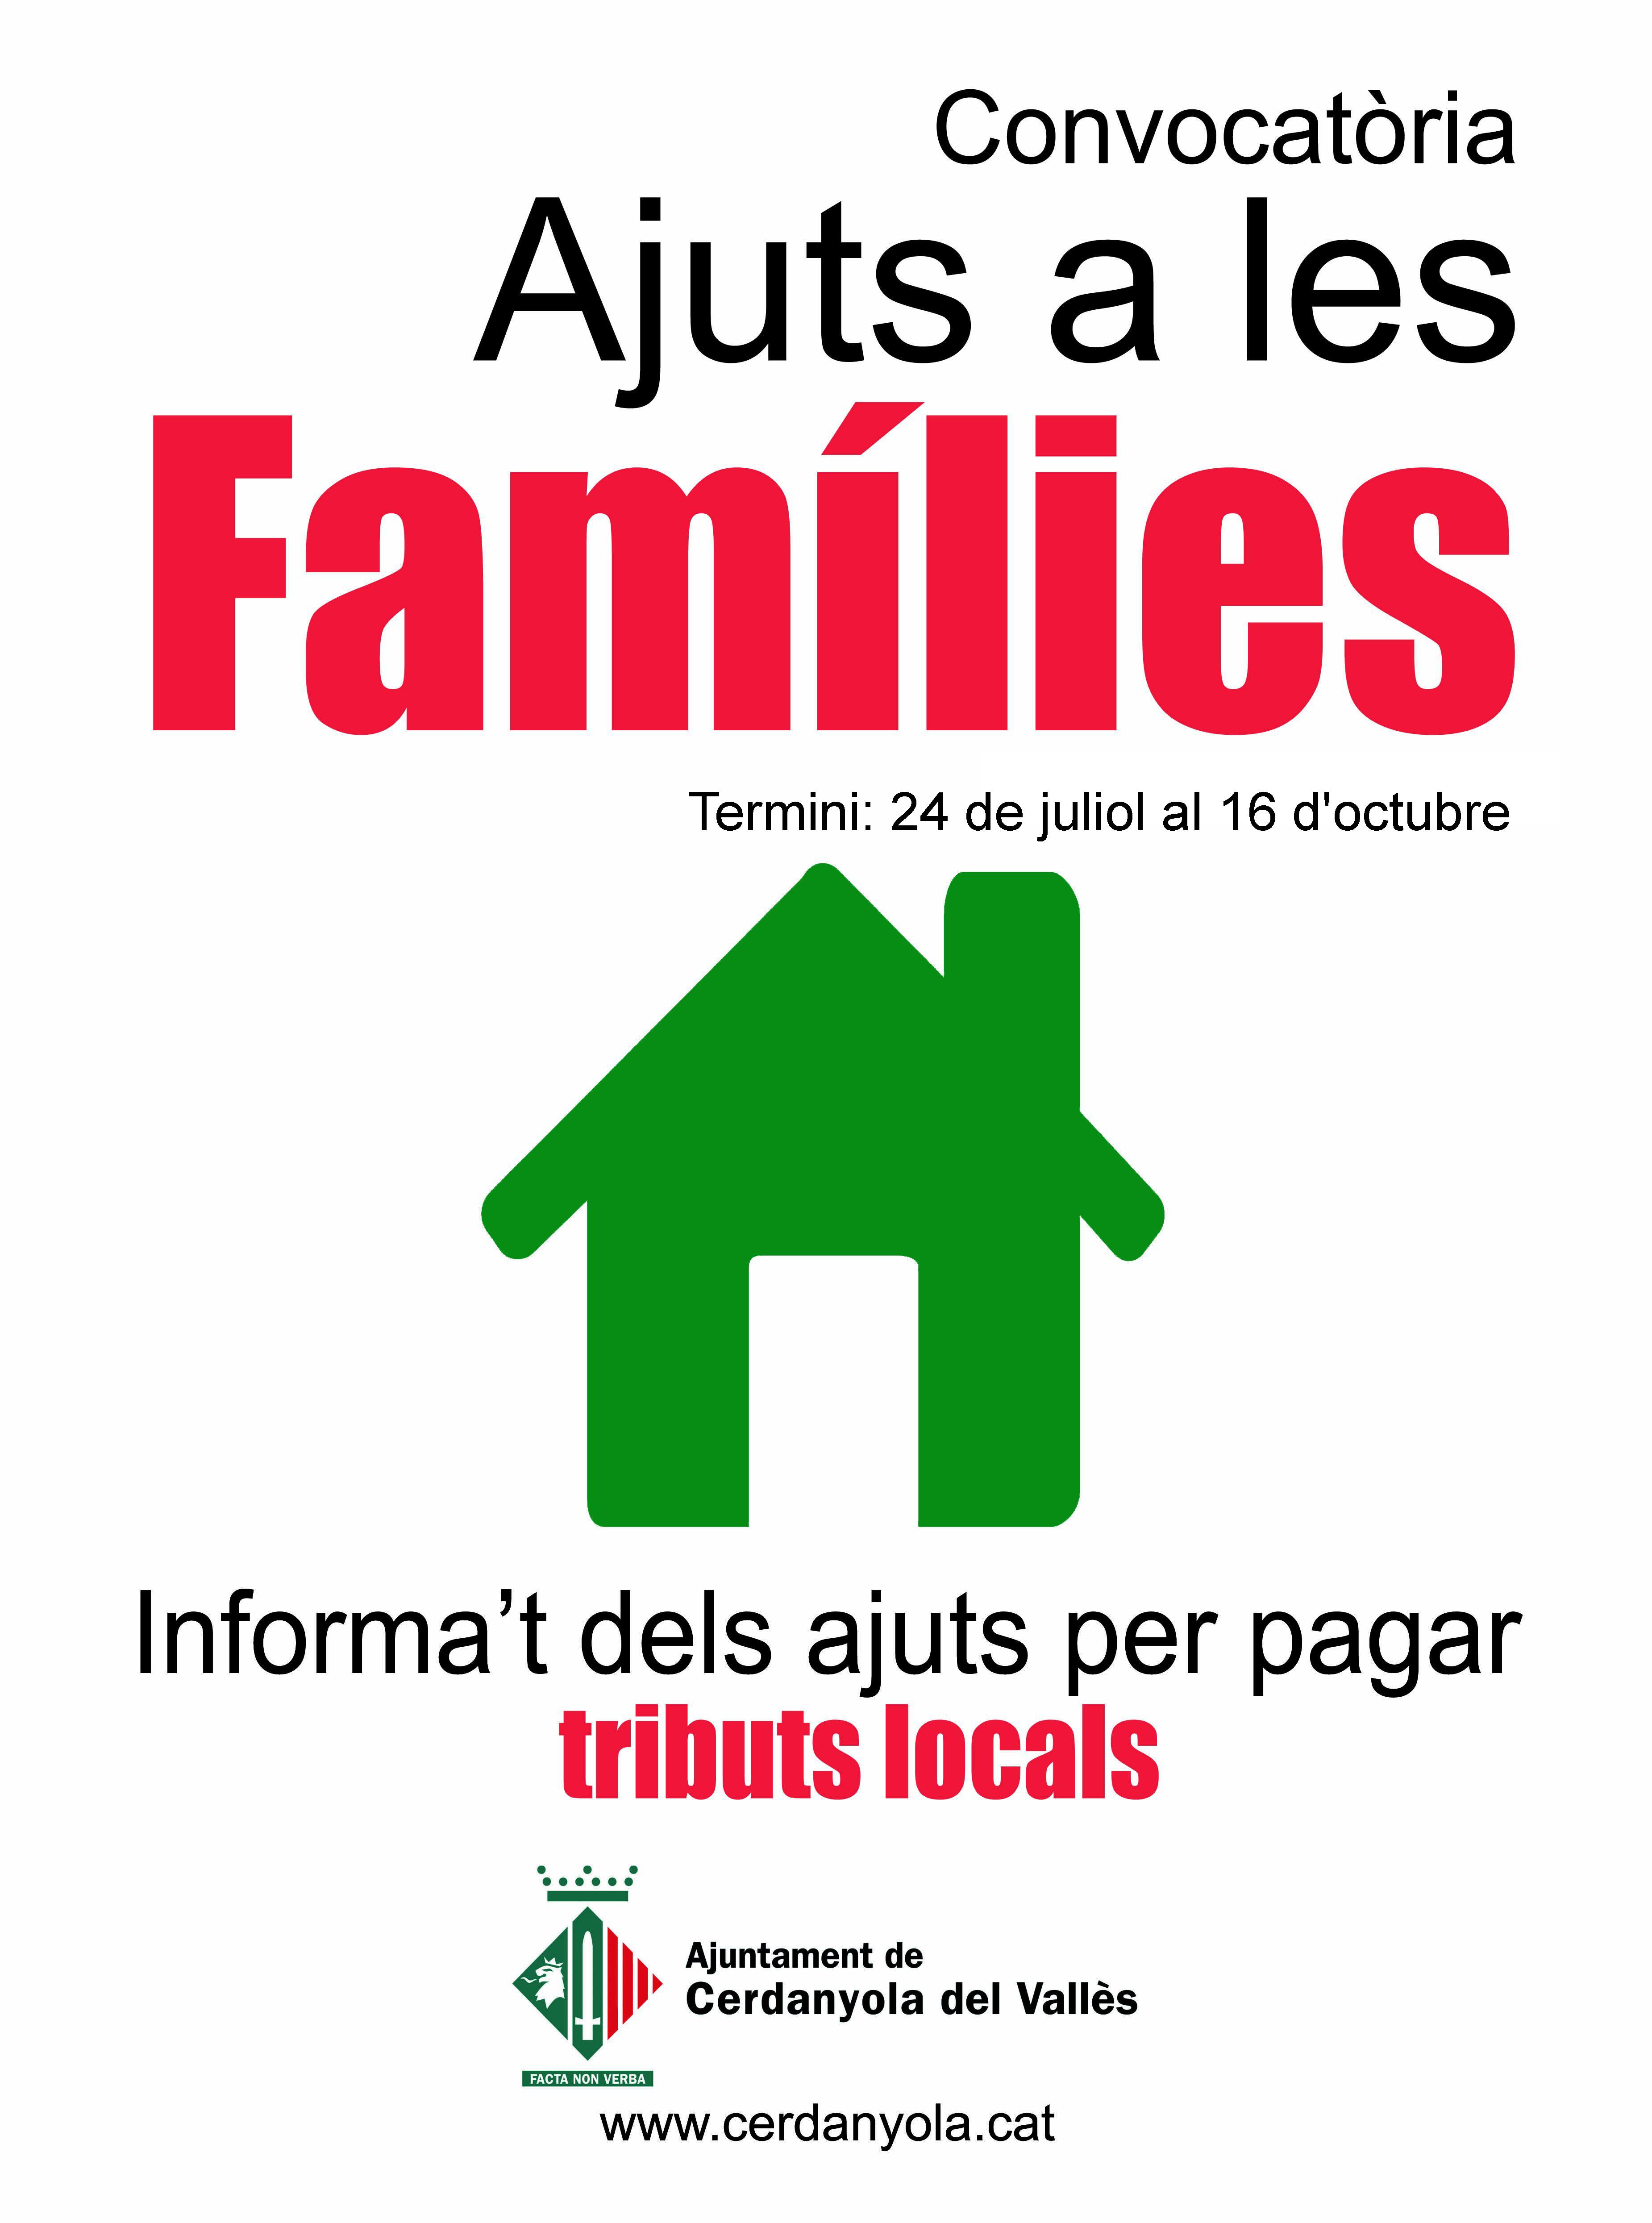 Imatge de la campanya d'ajuts a les famílies